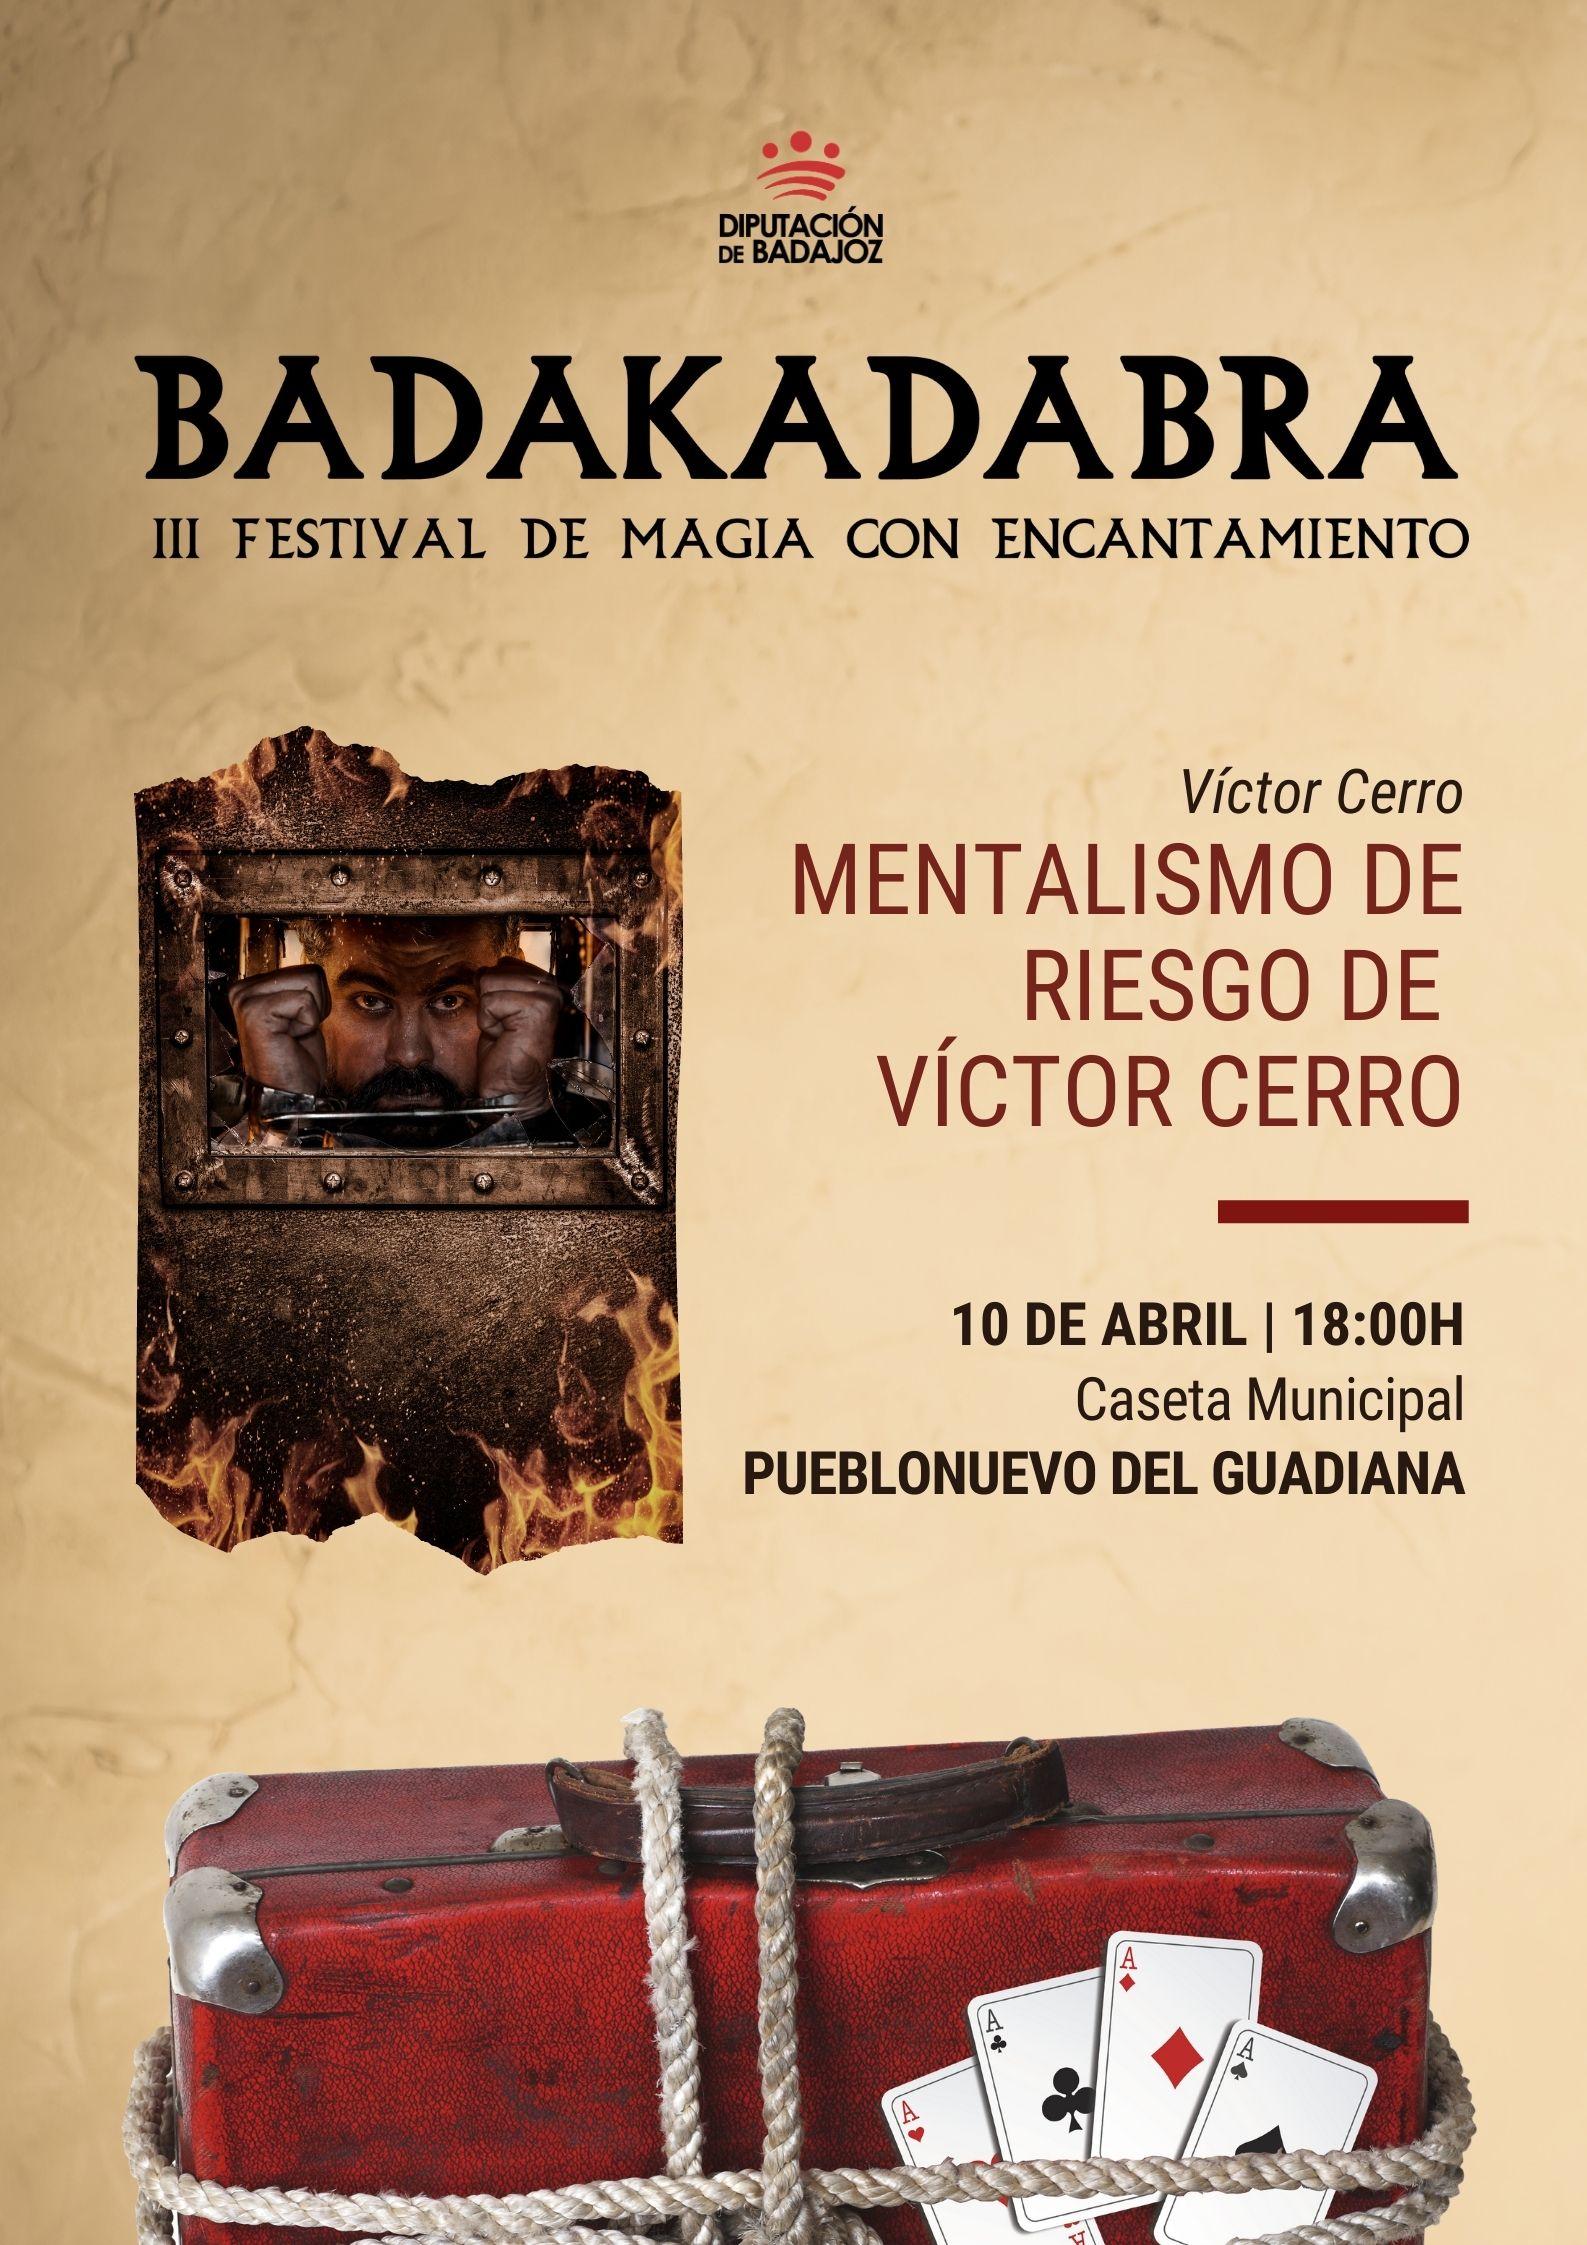 Imagen del Evento Mentalismo de riesgo de Víctor Cerro